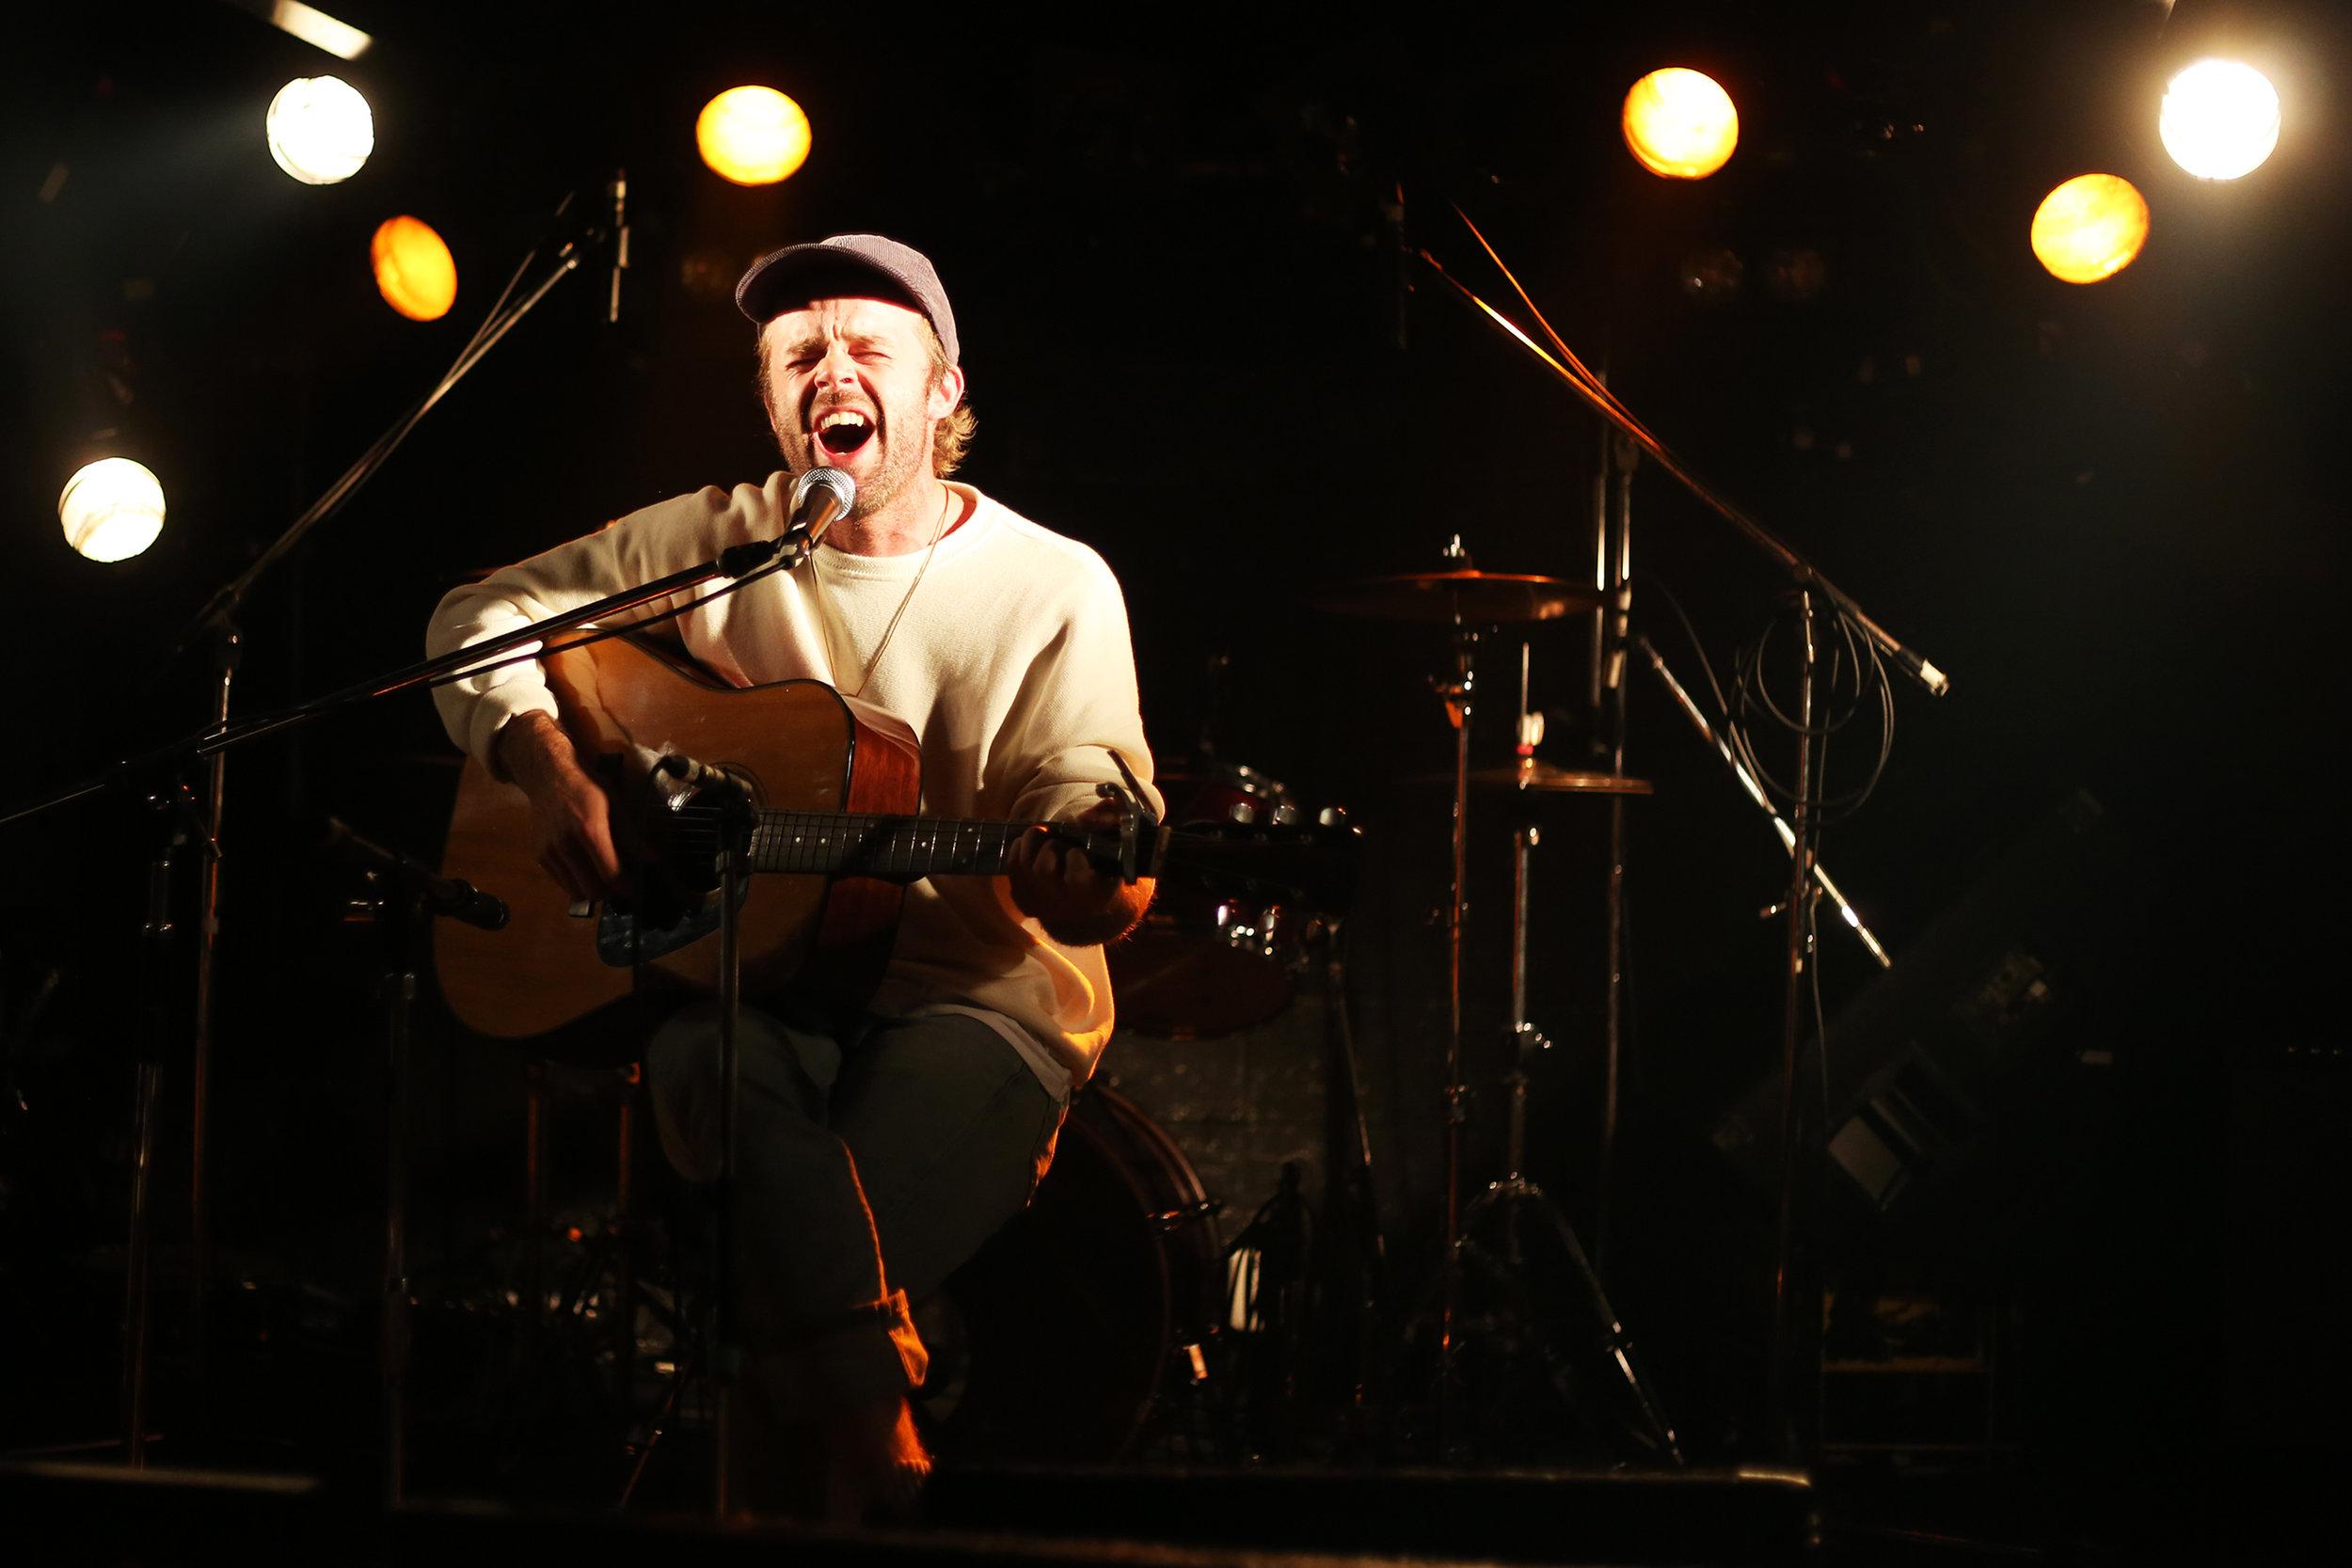 Pat Hull performing at Neverland in Nara, Japan.